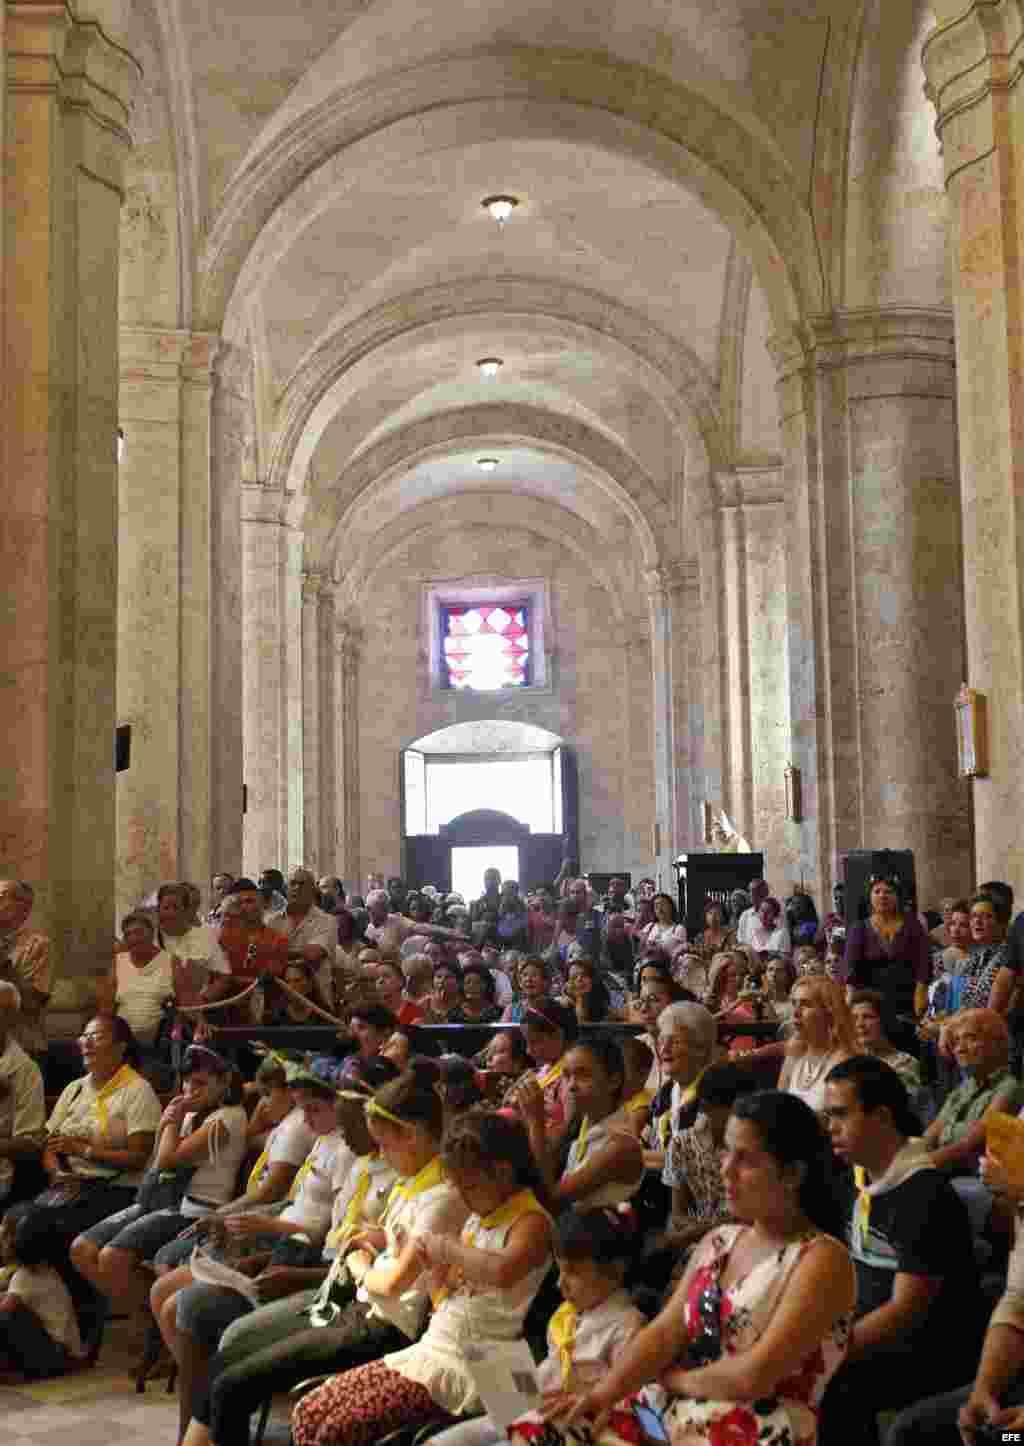 Fieles escuchan al nuevo arzobispo de La Habana, Juan de la Caridad García Rodríguez (fuera de cuadro), durante su primera misa en la Catedral de La Habana